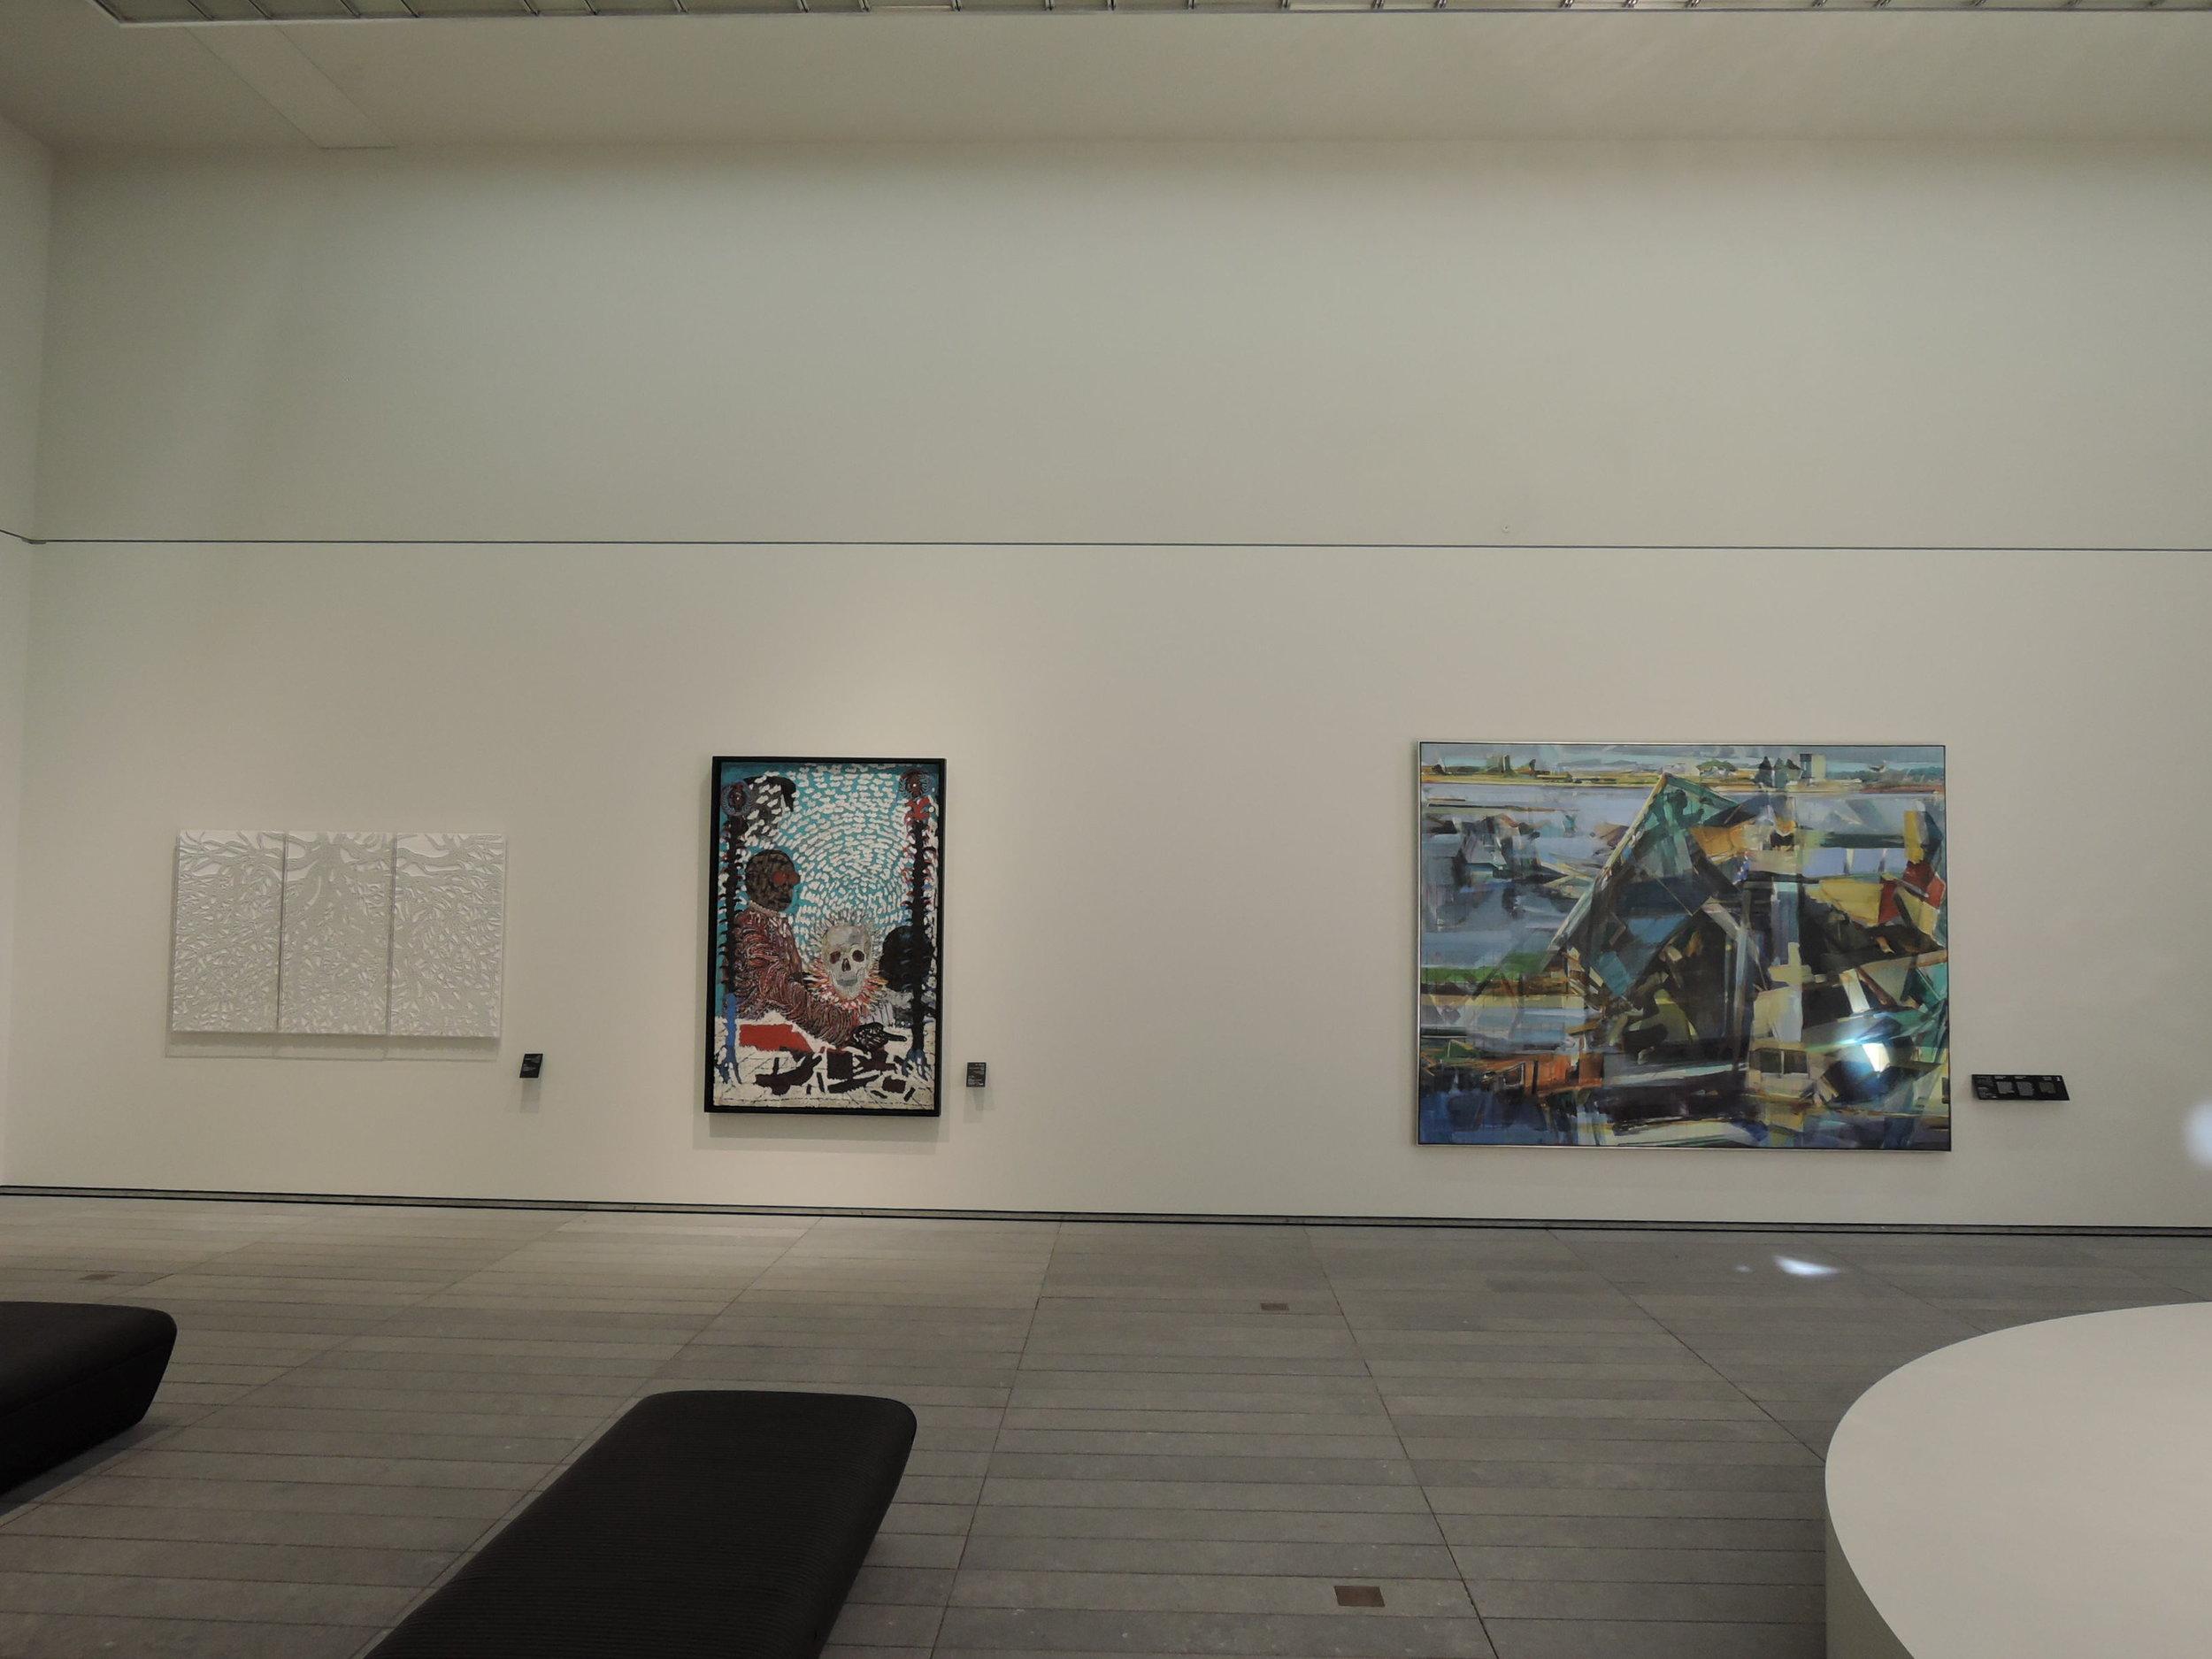 Une scène globale  , Louvre Abu Dhabi, November 2017, curator Juliette Singer. Artists in view Mounir Fatmi, Omar Ba, Duncan Wylie